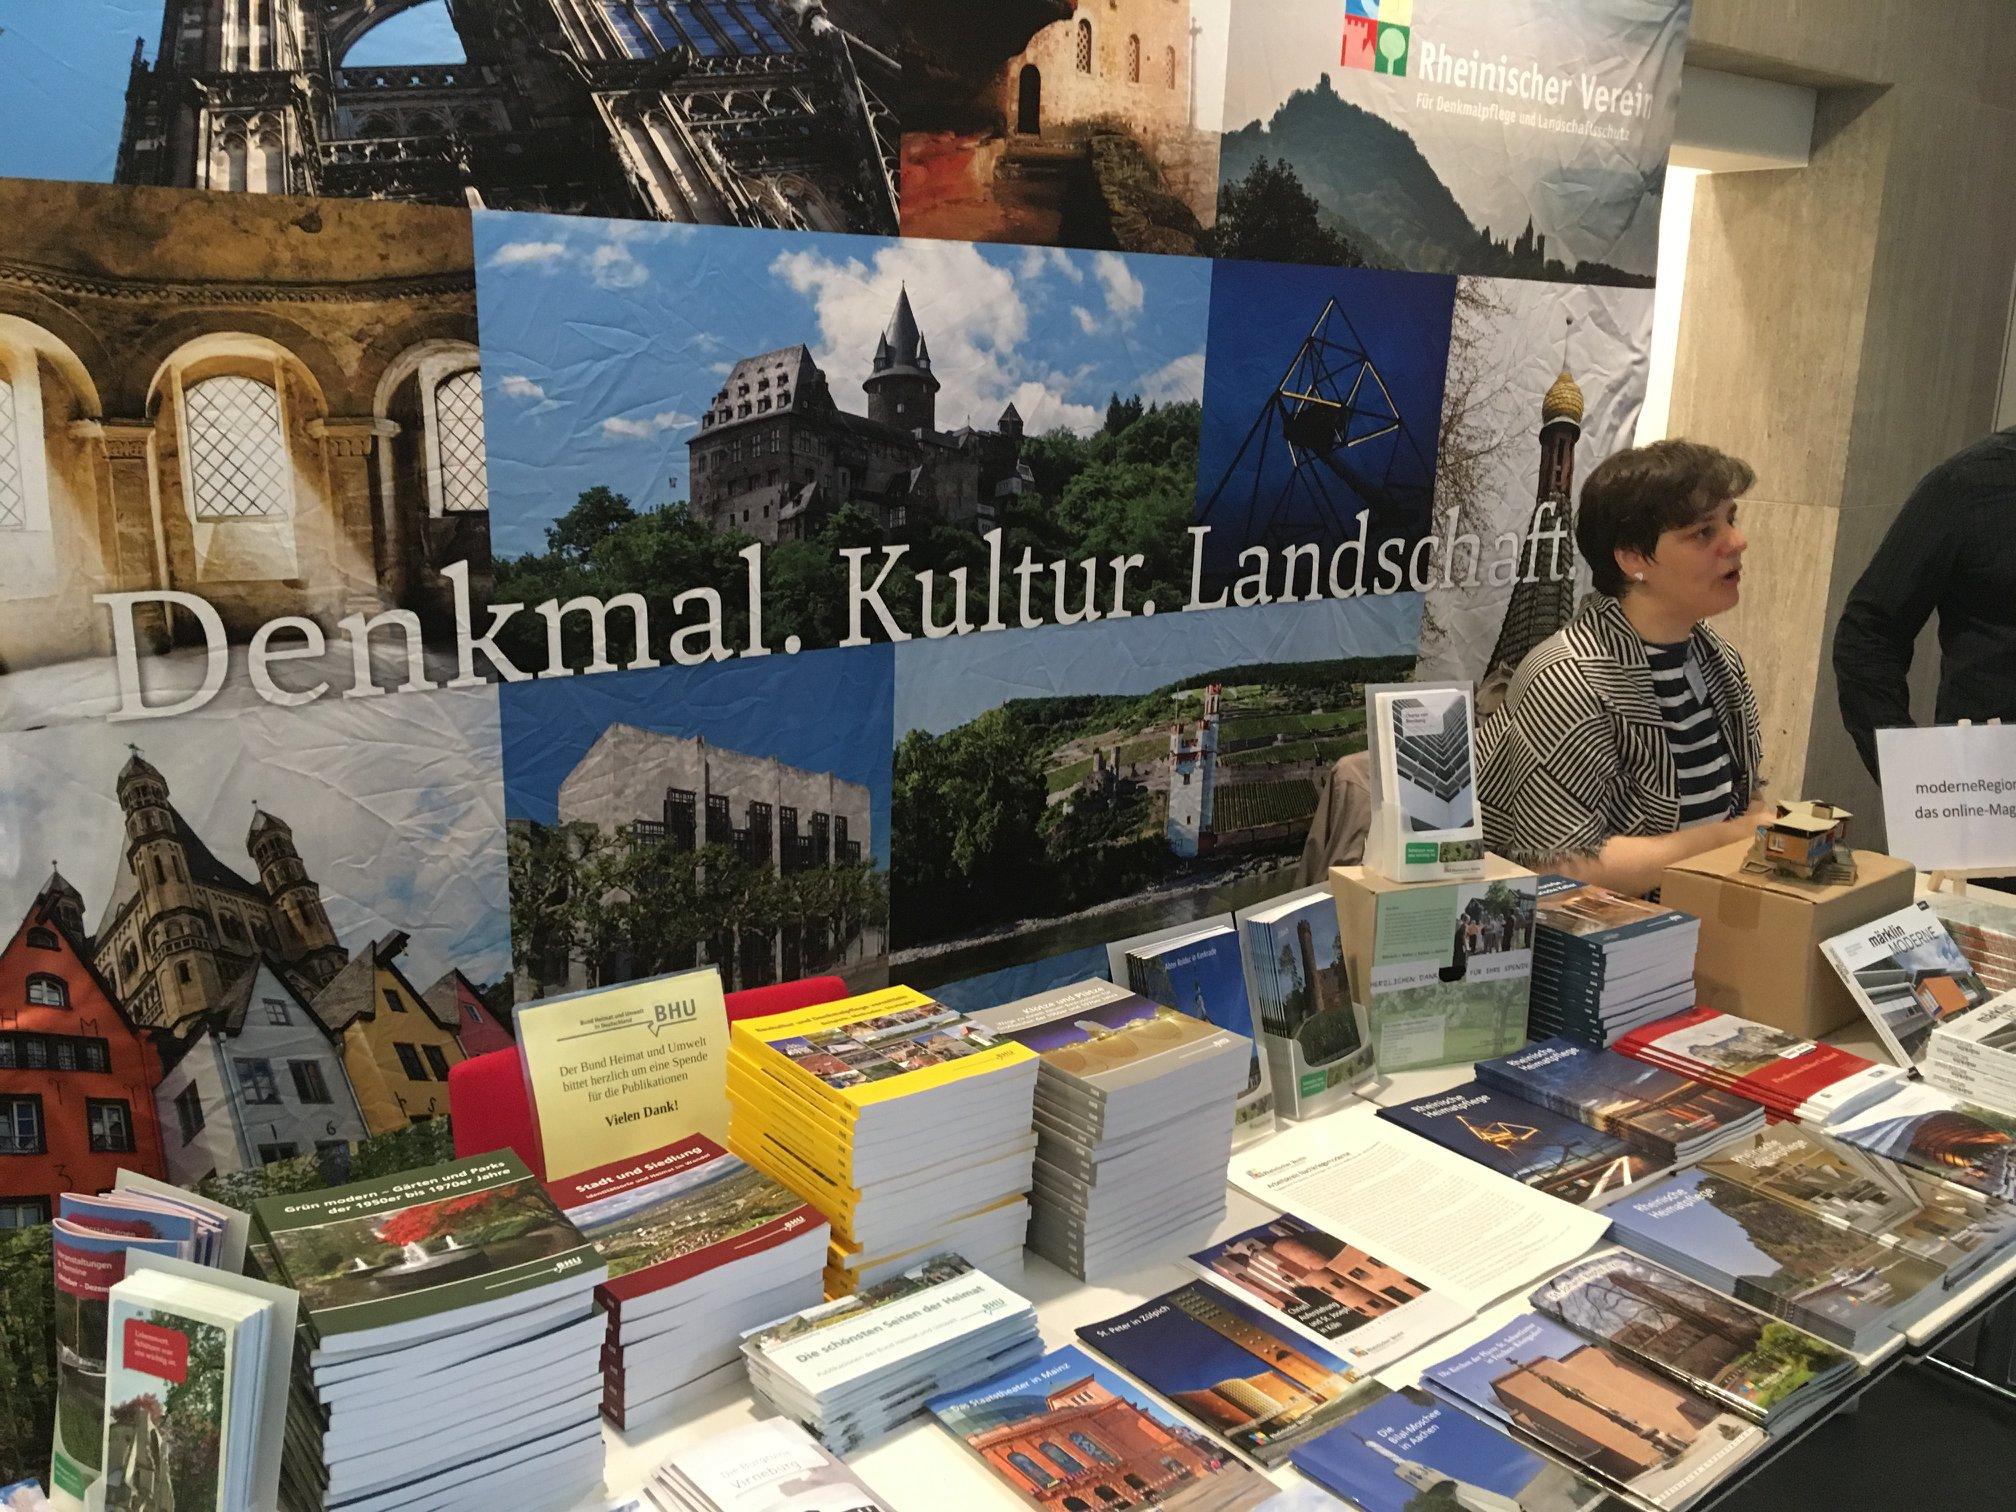 Köln, Amerika-Haus/Fritz-Thyssen-Stiftung, Tagung des Rheinischen Vereins am 6. September 2018 (Bild: Karl-Peter Wiemer)